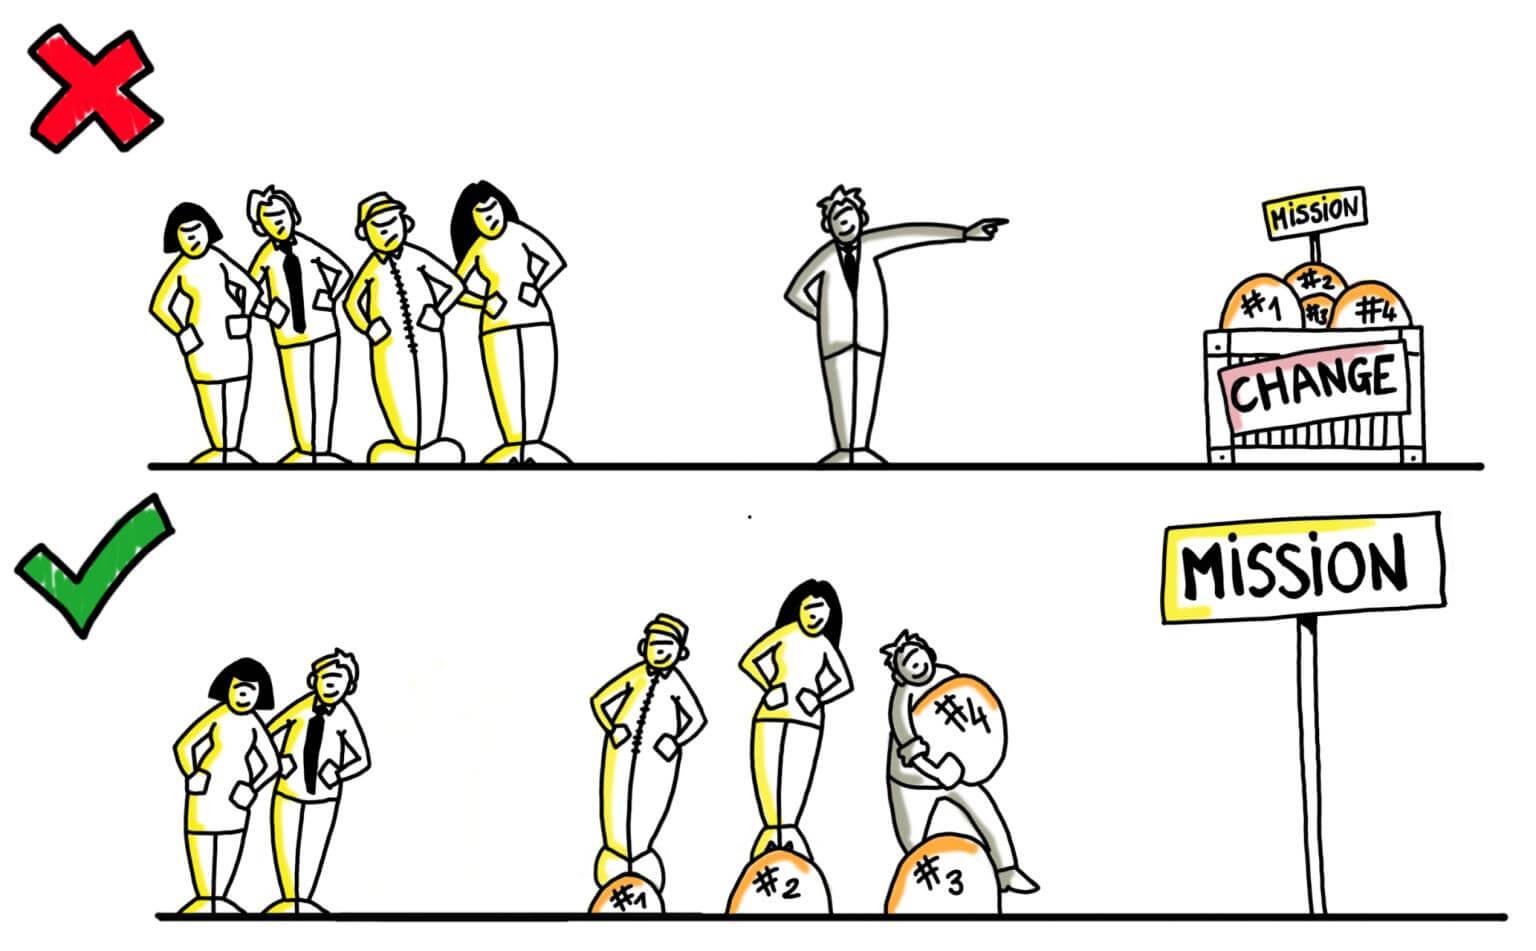 Image - Comment suciter le changement grâce à la mission